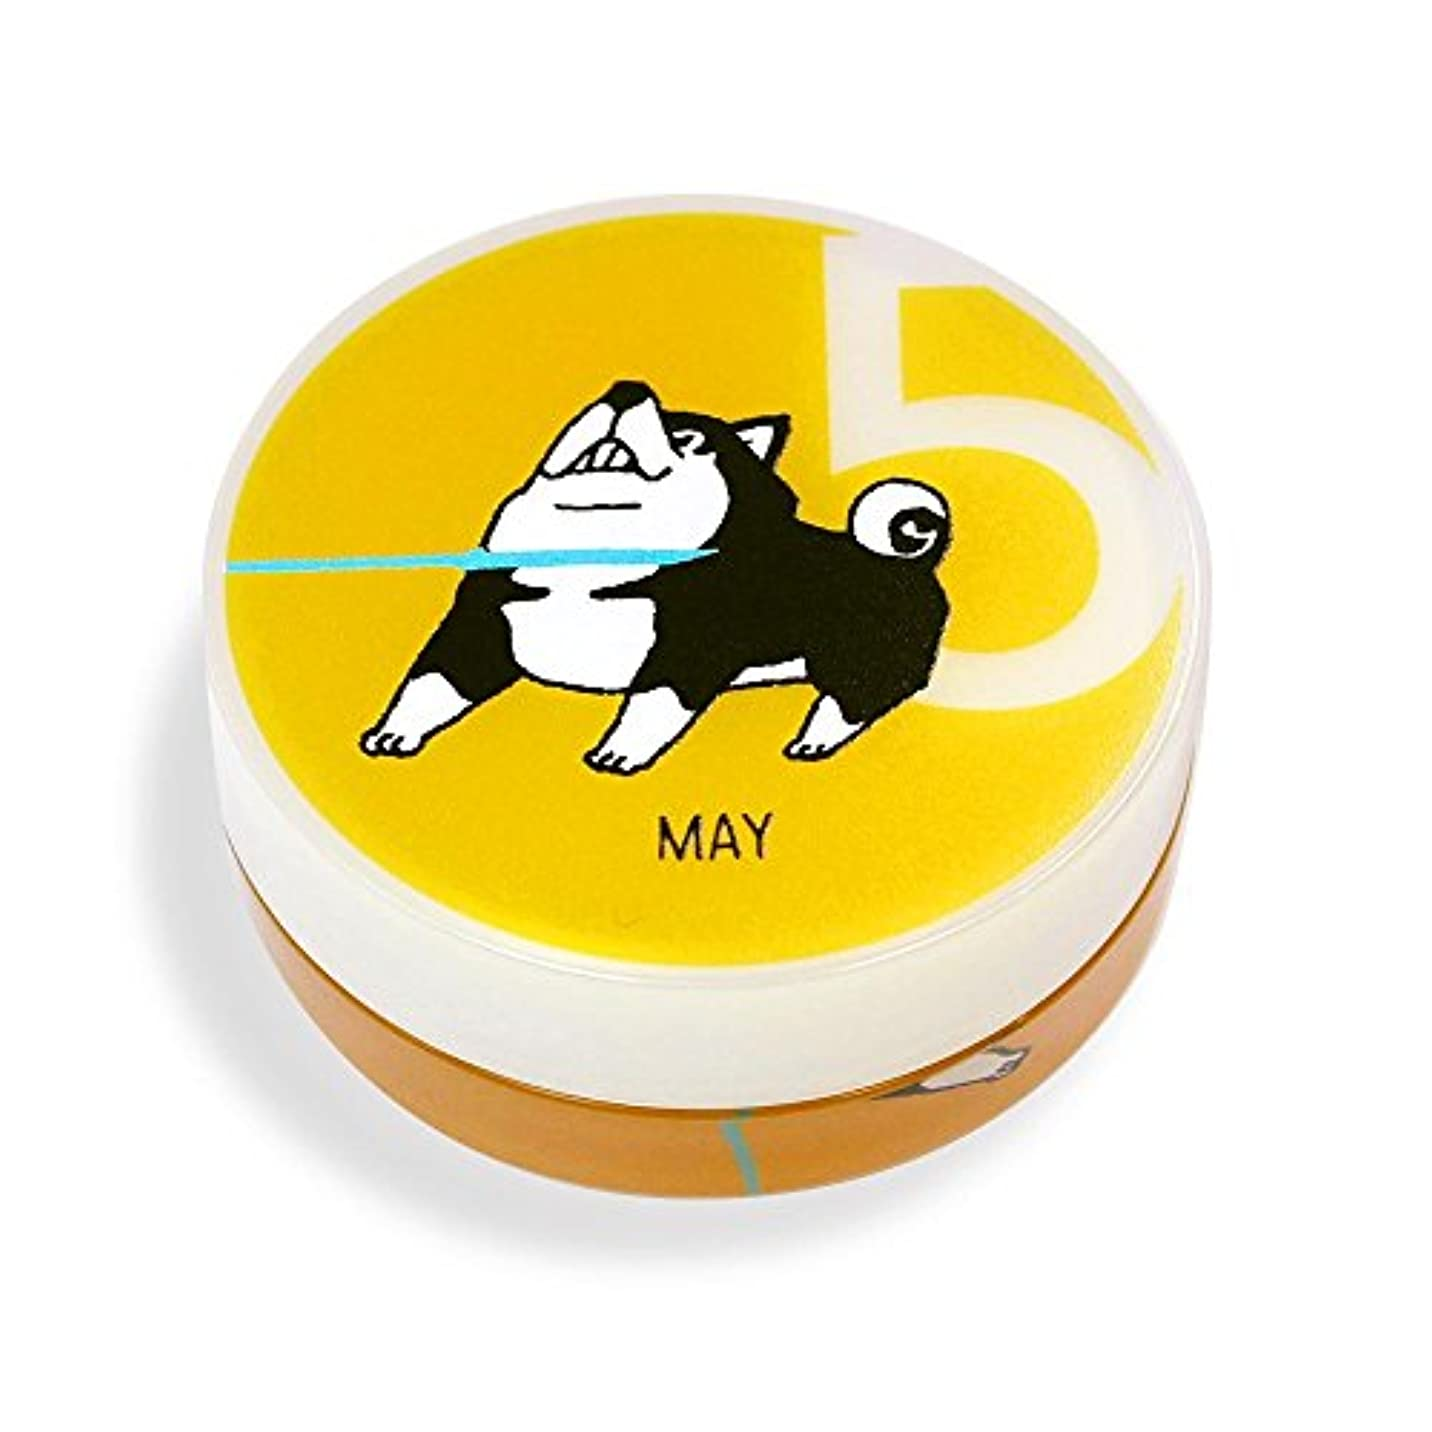 伝染病モンゴメリーロータリーしばんばん フルプルクリーム 誕生月シリーズ 5月 20g